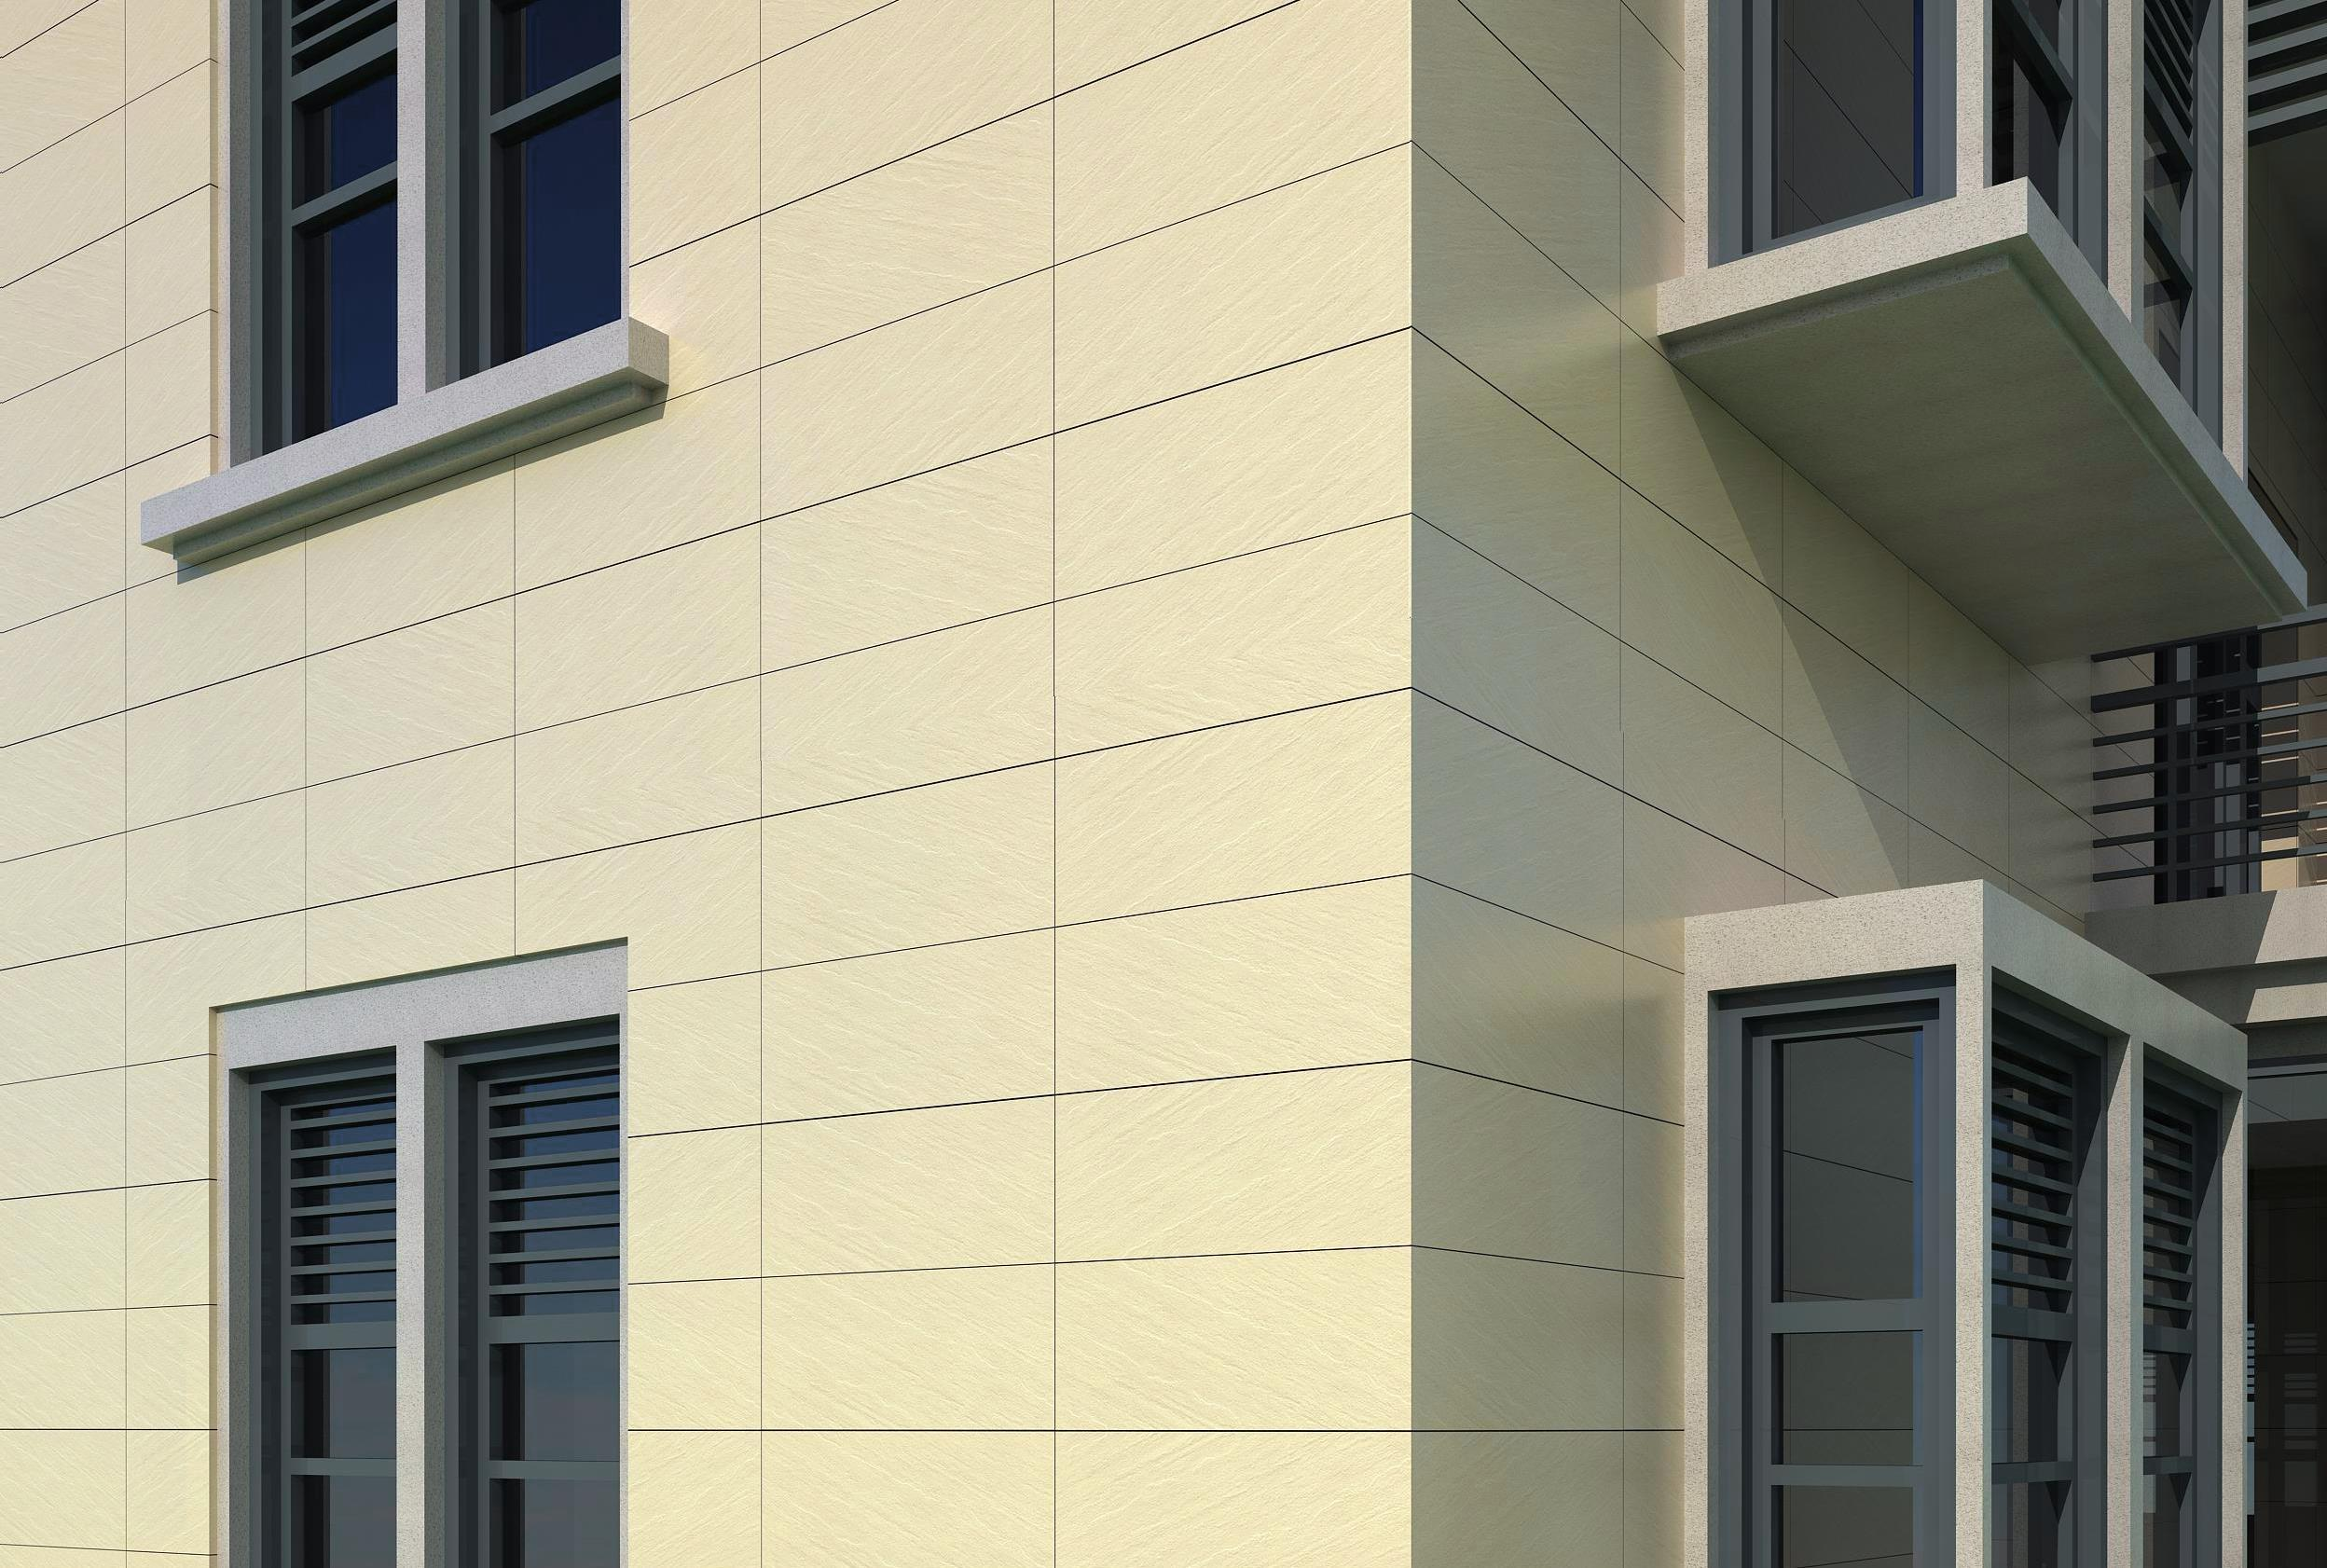 哪些原因会引起外墙砖渗水?外墙砖渗水如何处理?